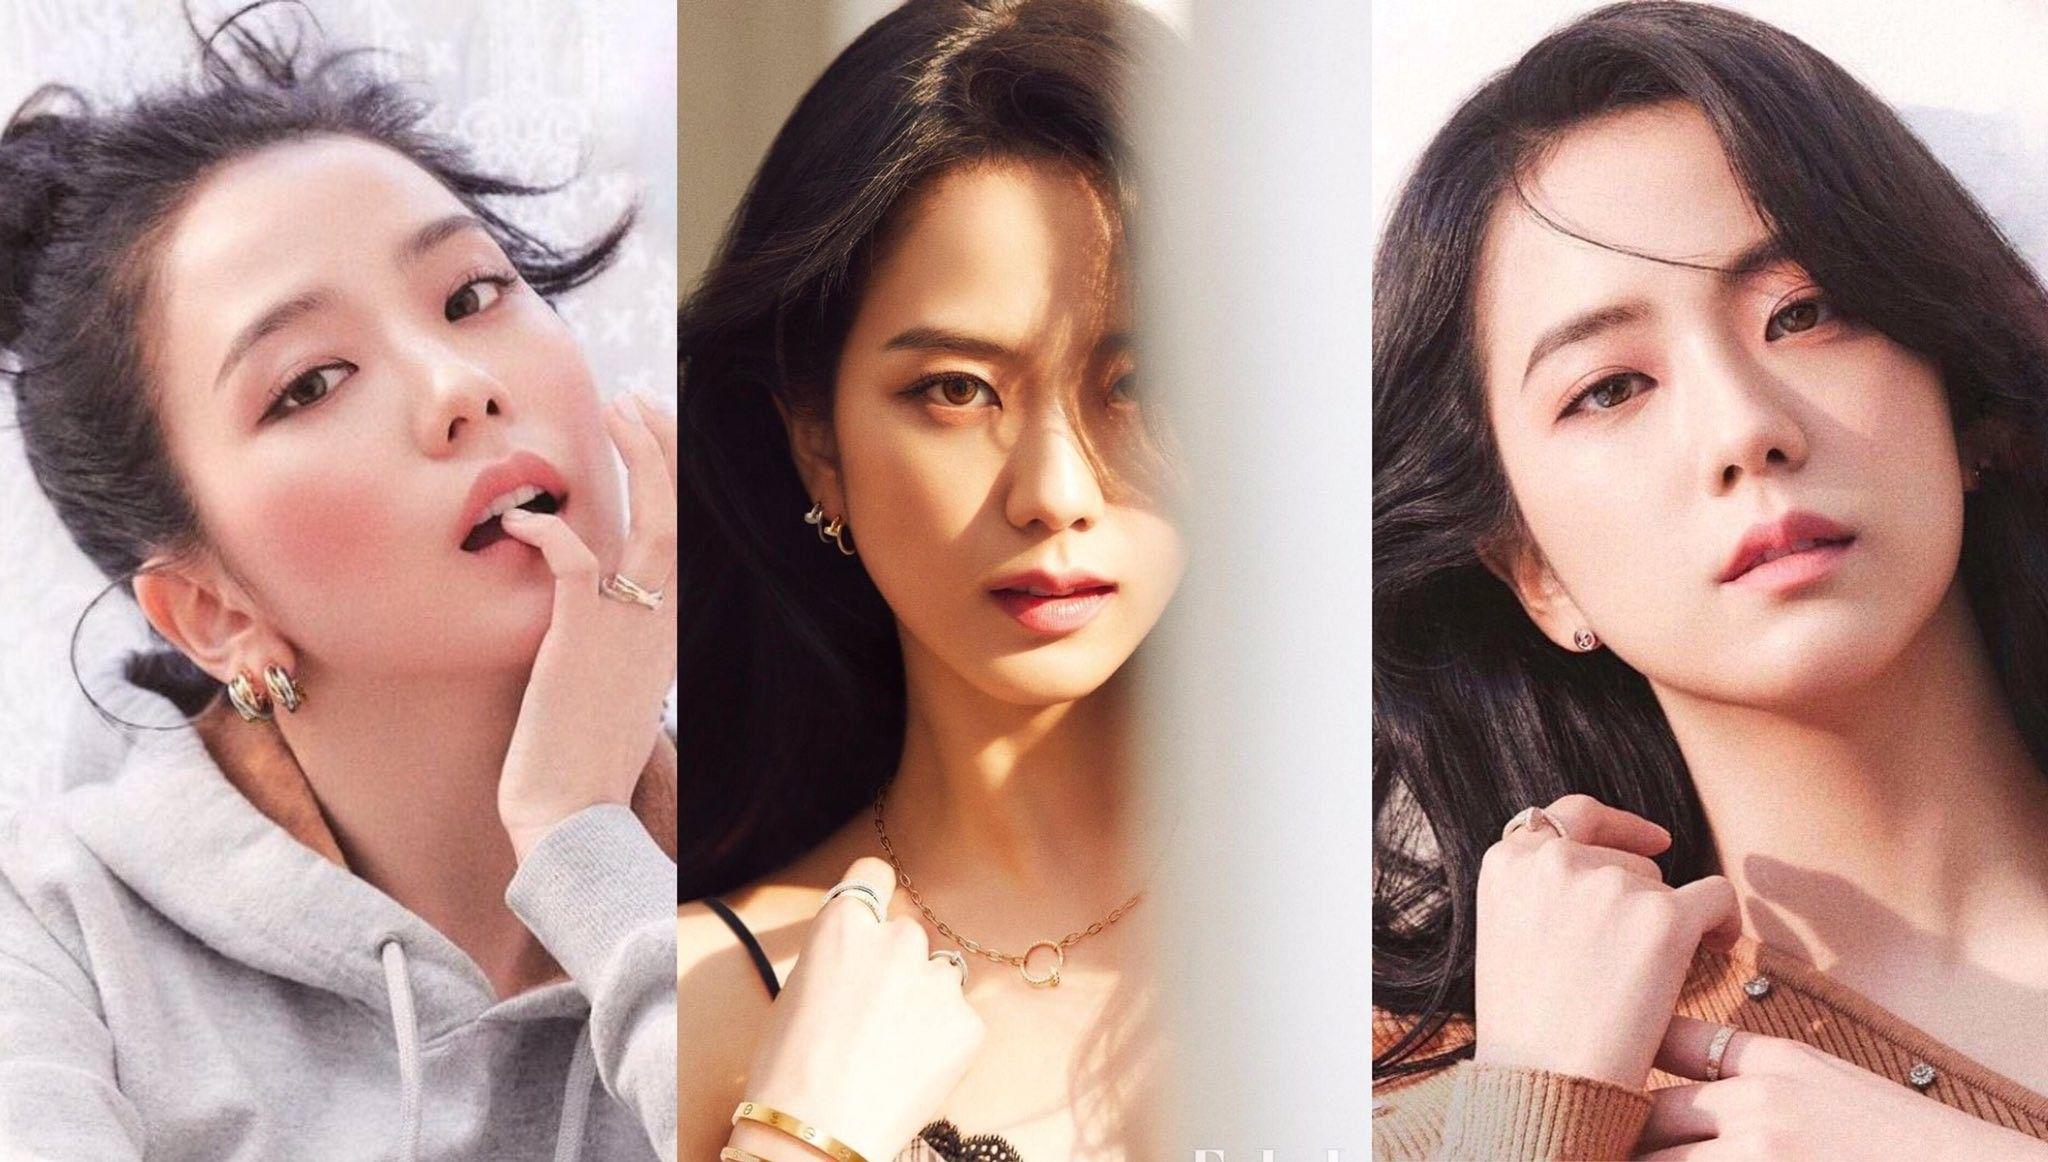 Tranh cãi nảy lửa: Biết là Jisoo xinh và sang nhưng cô hợp quảng cáo mỹ phẩm hay trang sức hơn? - Ảnh 5.